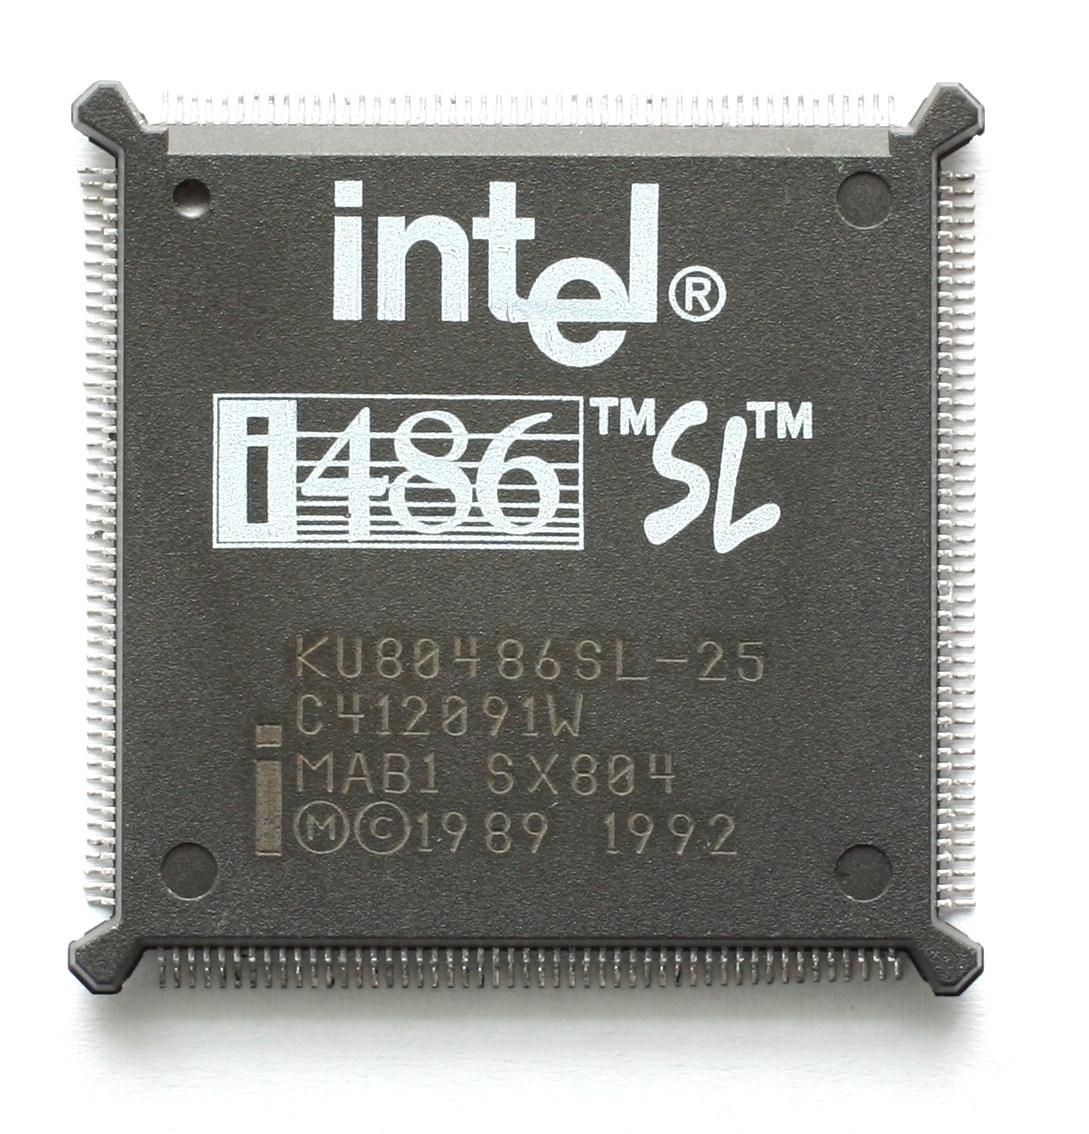 Intel 80486sl Wikipedia